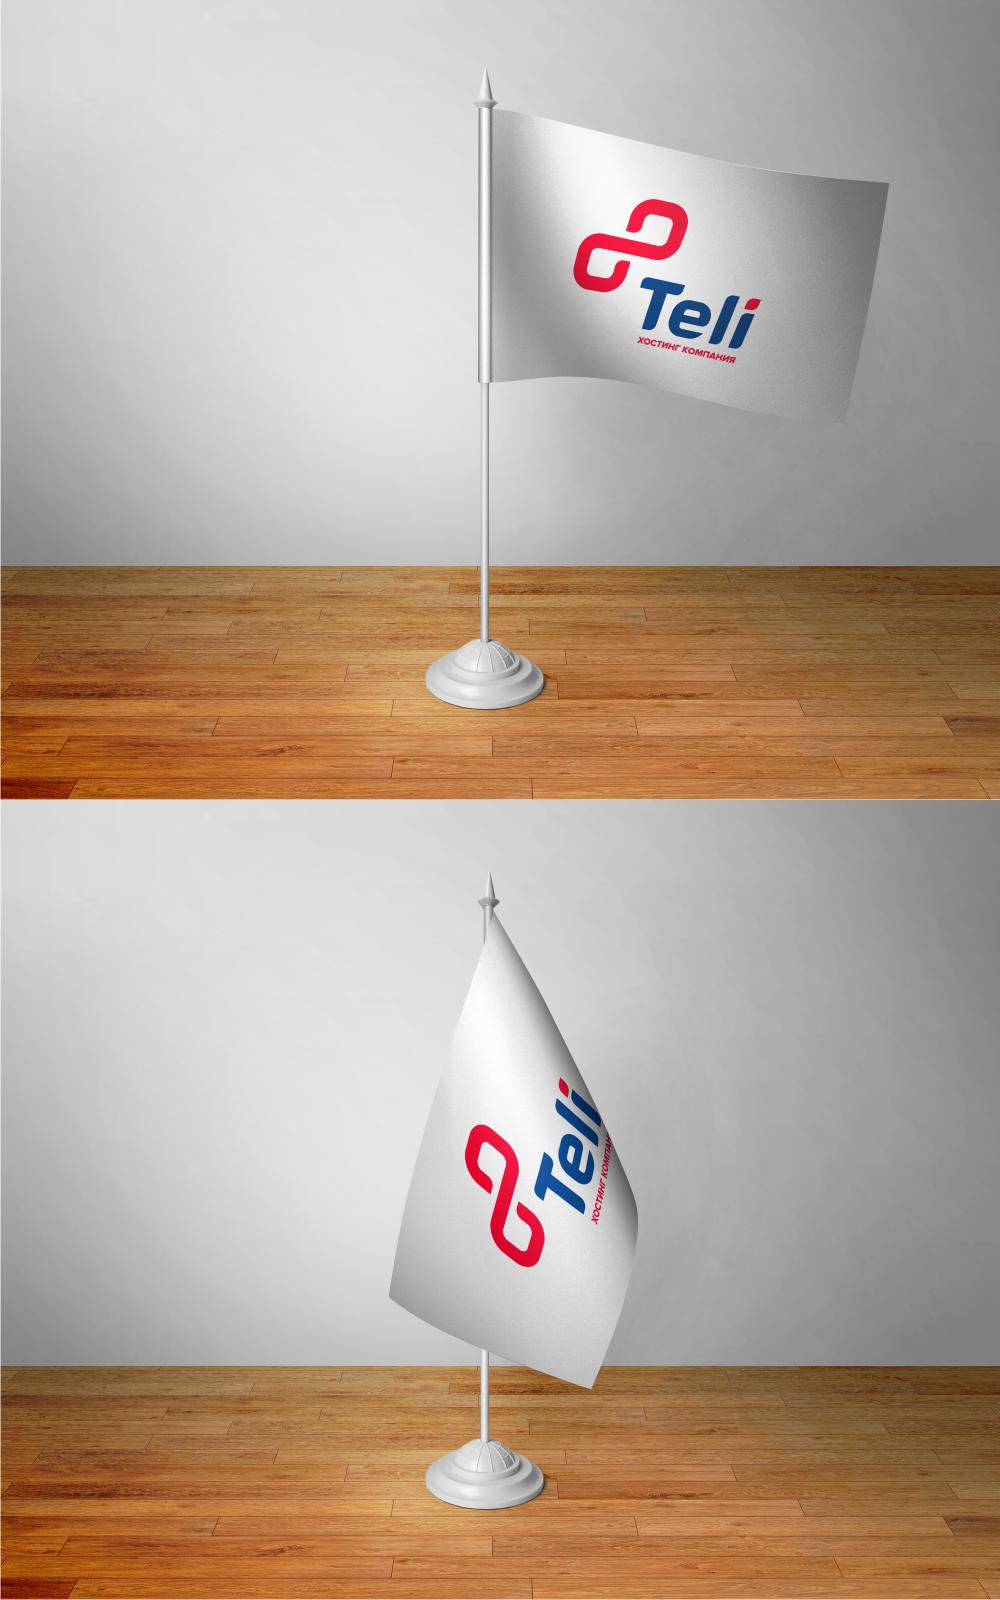 Разработка логотипа и фирменного стиля фото f_1485903409330225.png